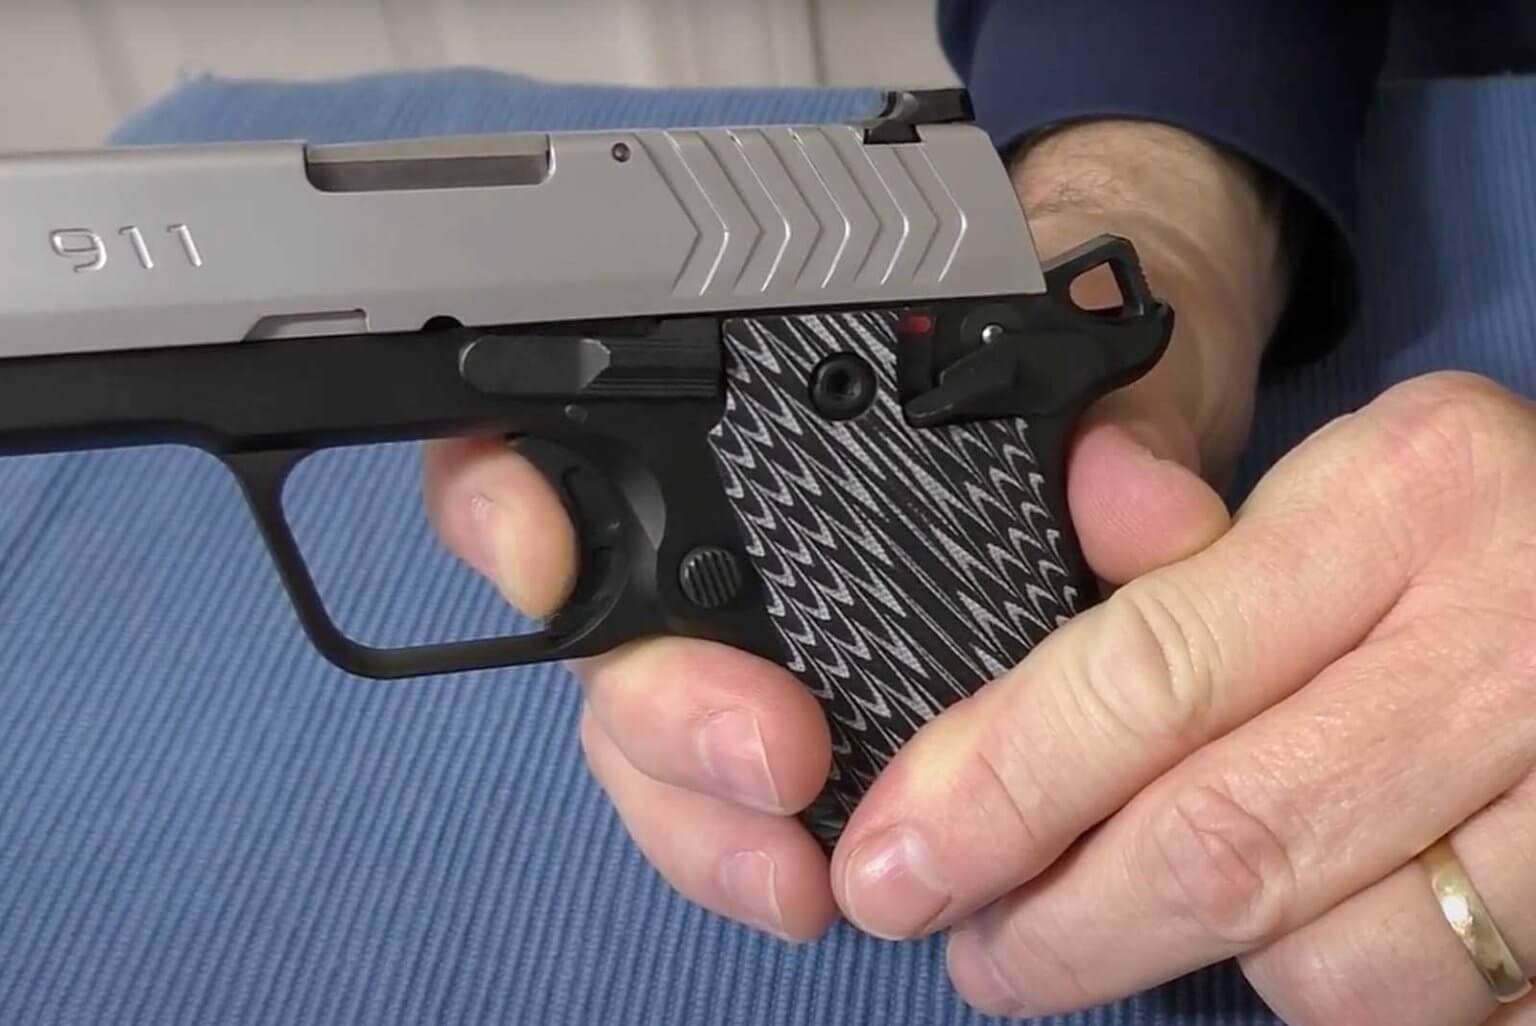 G10 Trigger on Springfield 911 Pistol